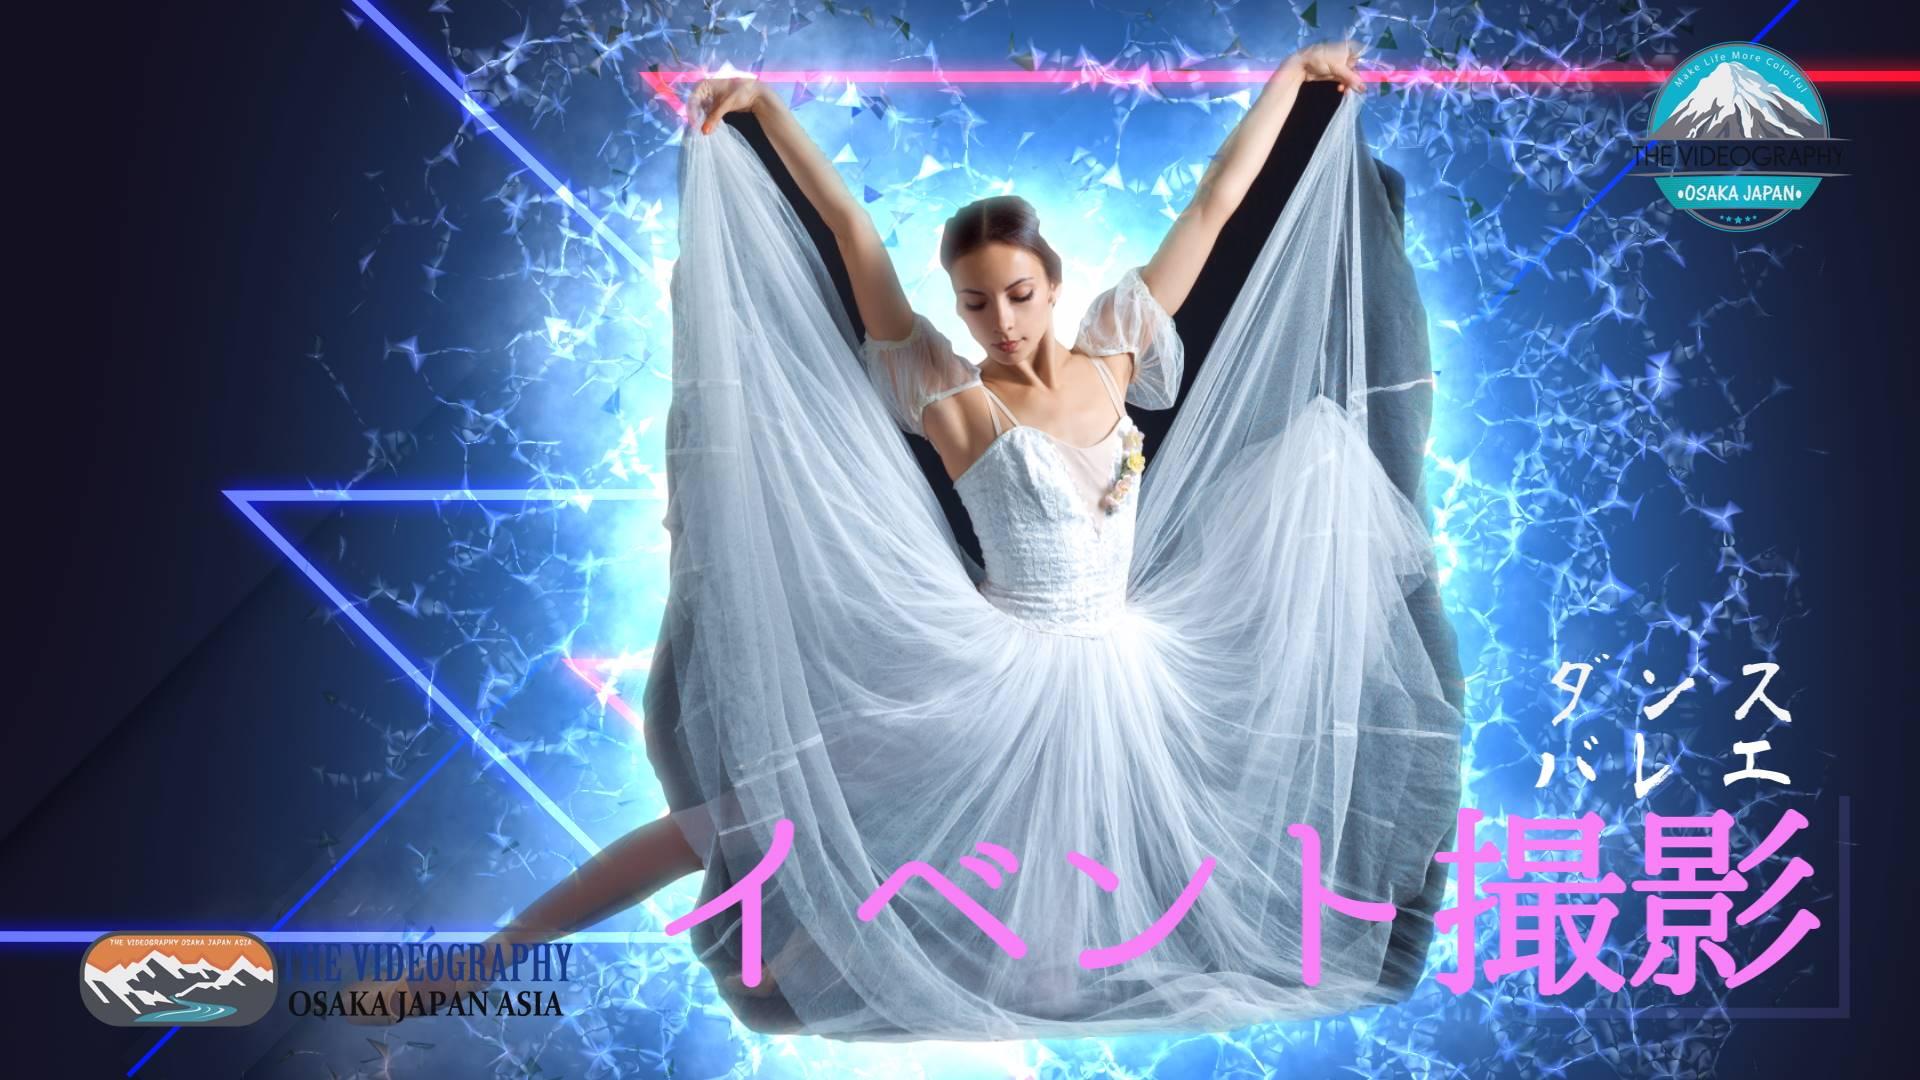 バレエダンサー プロモーションビデオ制作